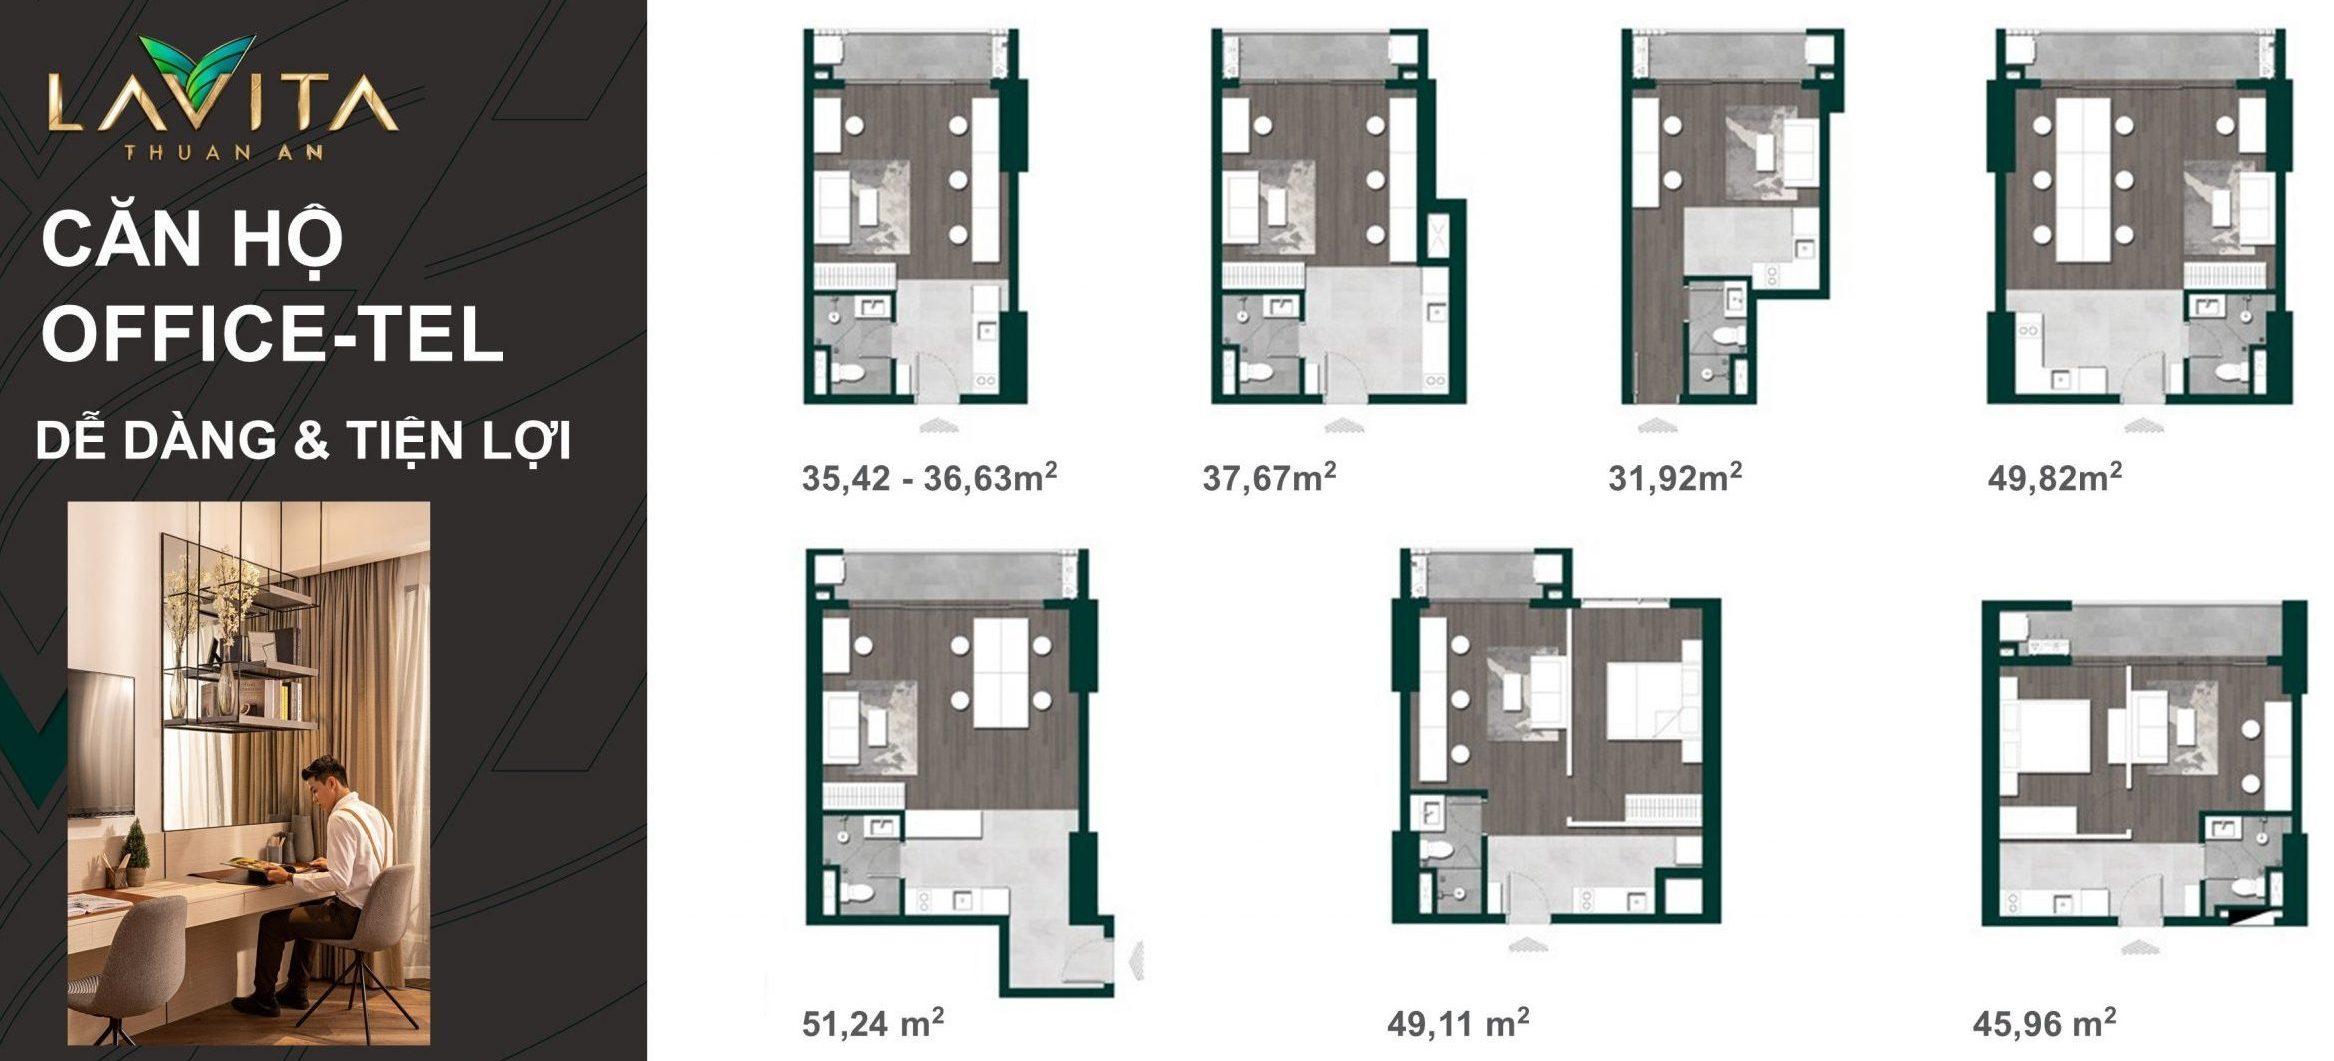 thiết kế mẫu căn hộ lavita thuận an